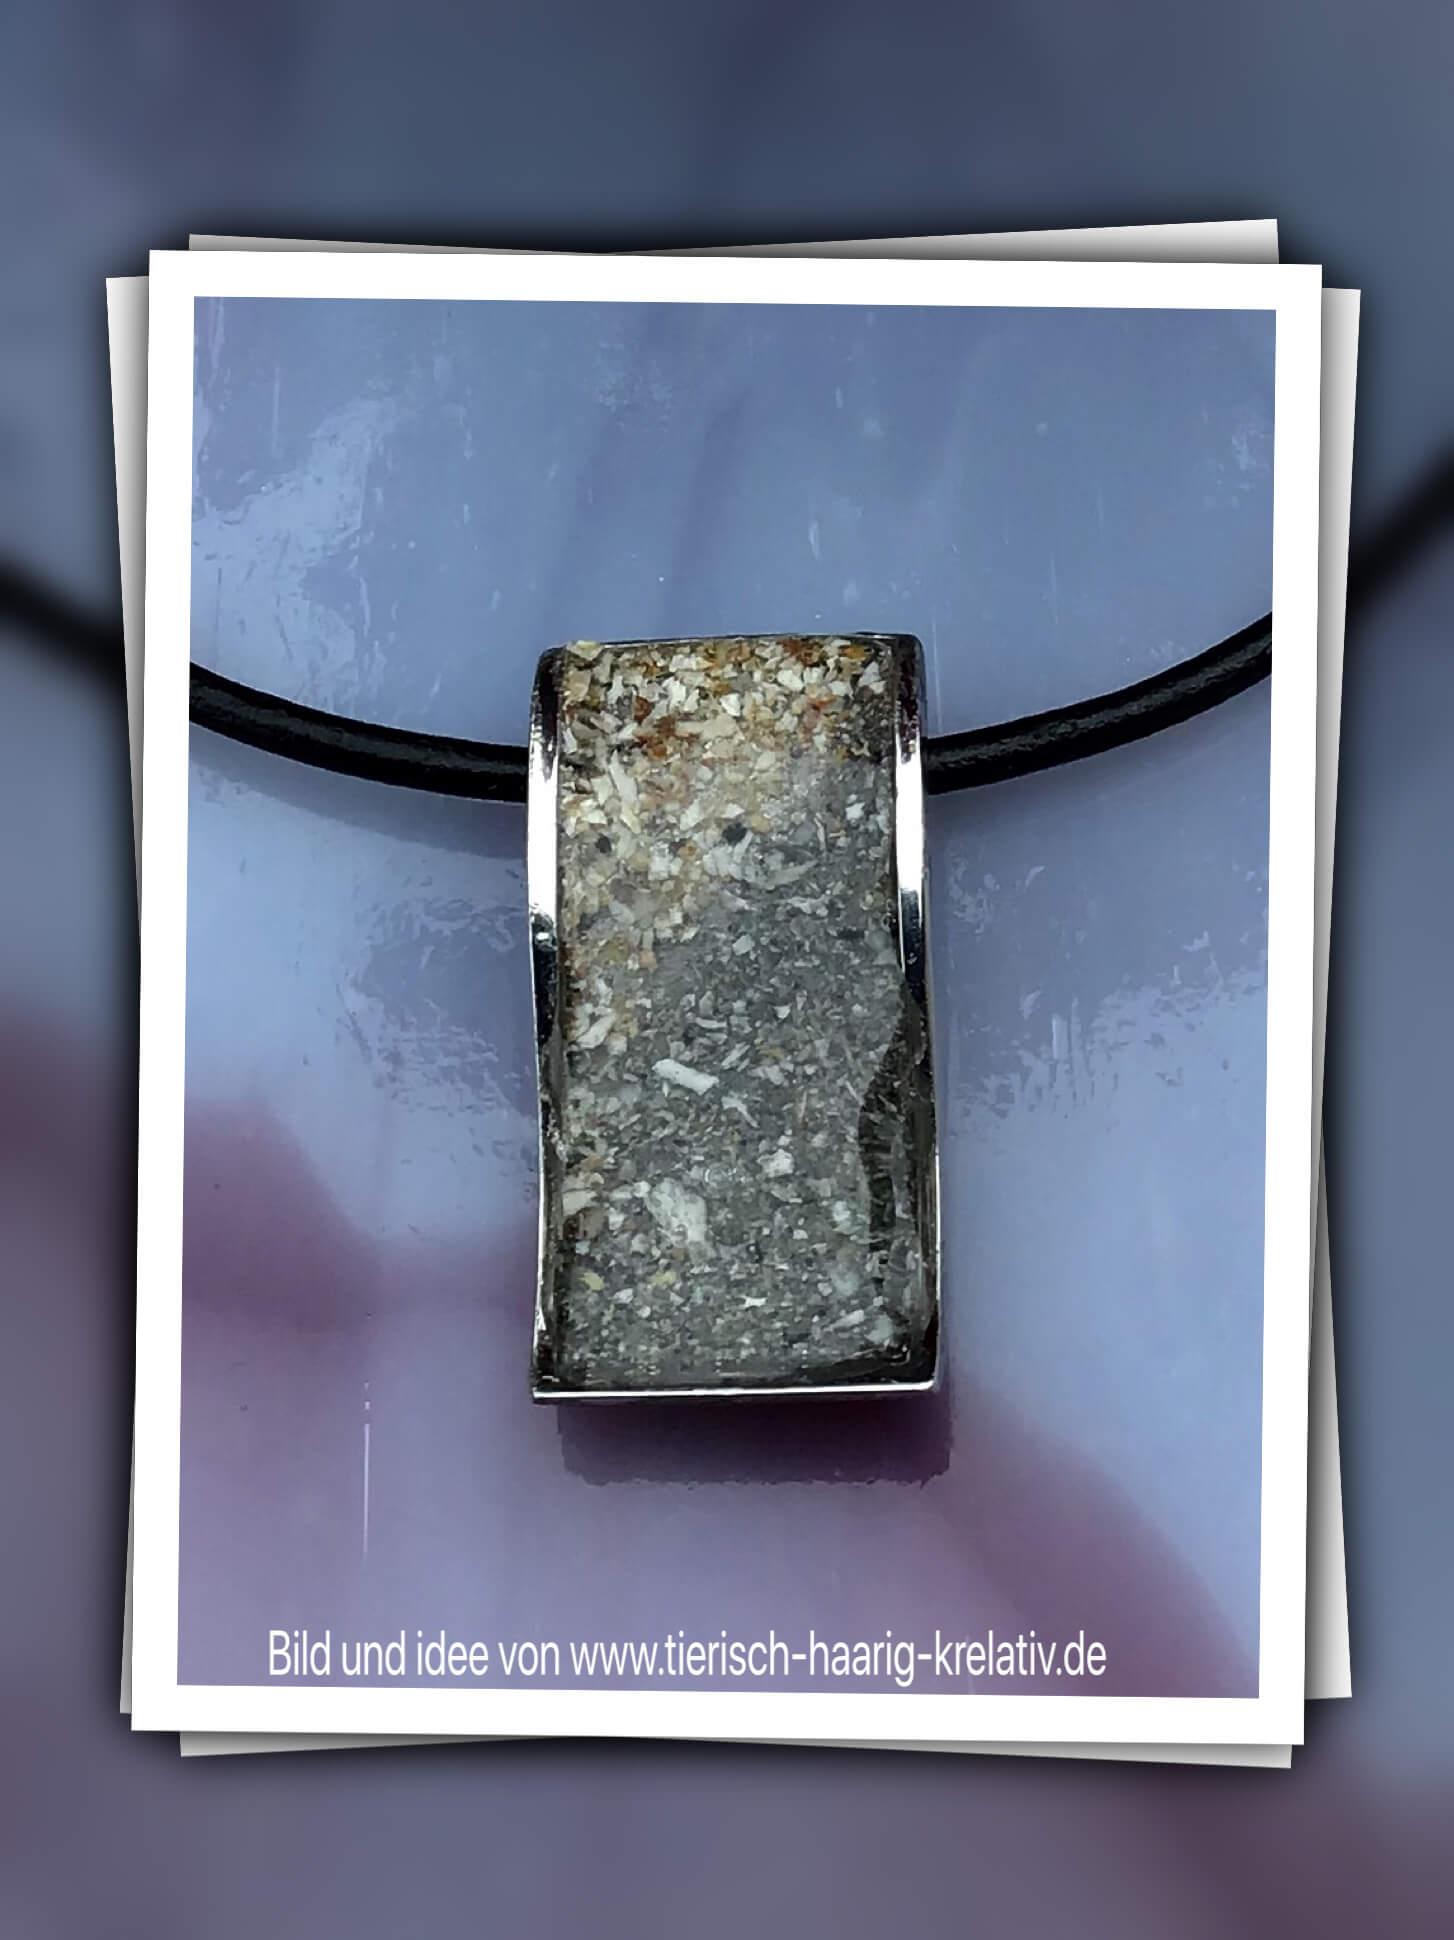 Leder Kette mit Edelstahlanhänger Welle Engel ca 4 cm in Edelstahl * 36,50 Alle angegebenen Preise sind Gesamtpreise (ggf. zzgl. Versandkosten).